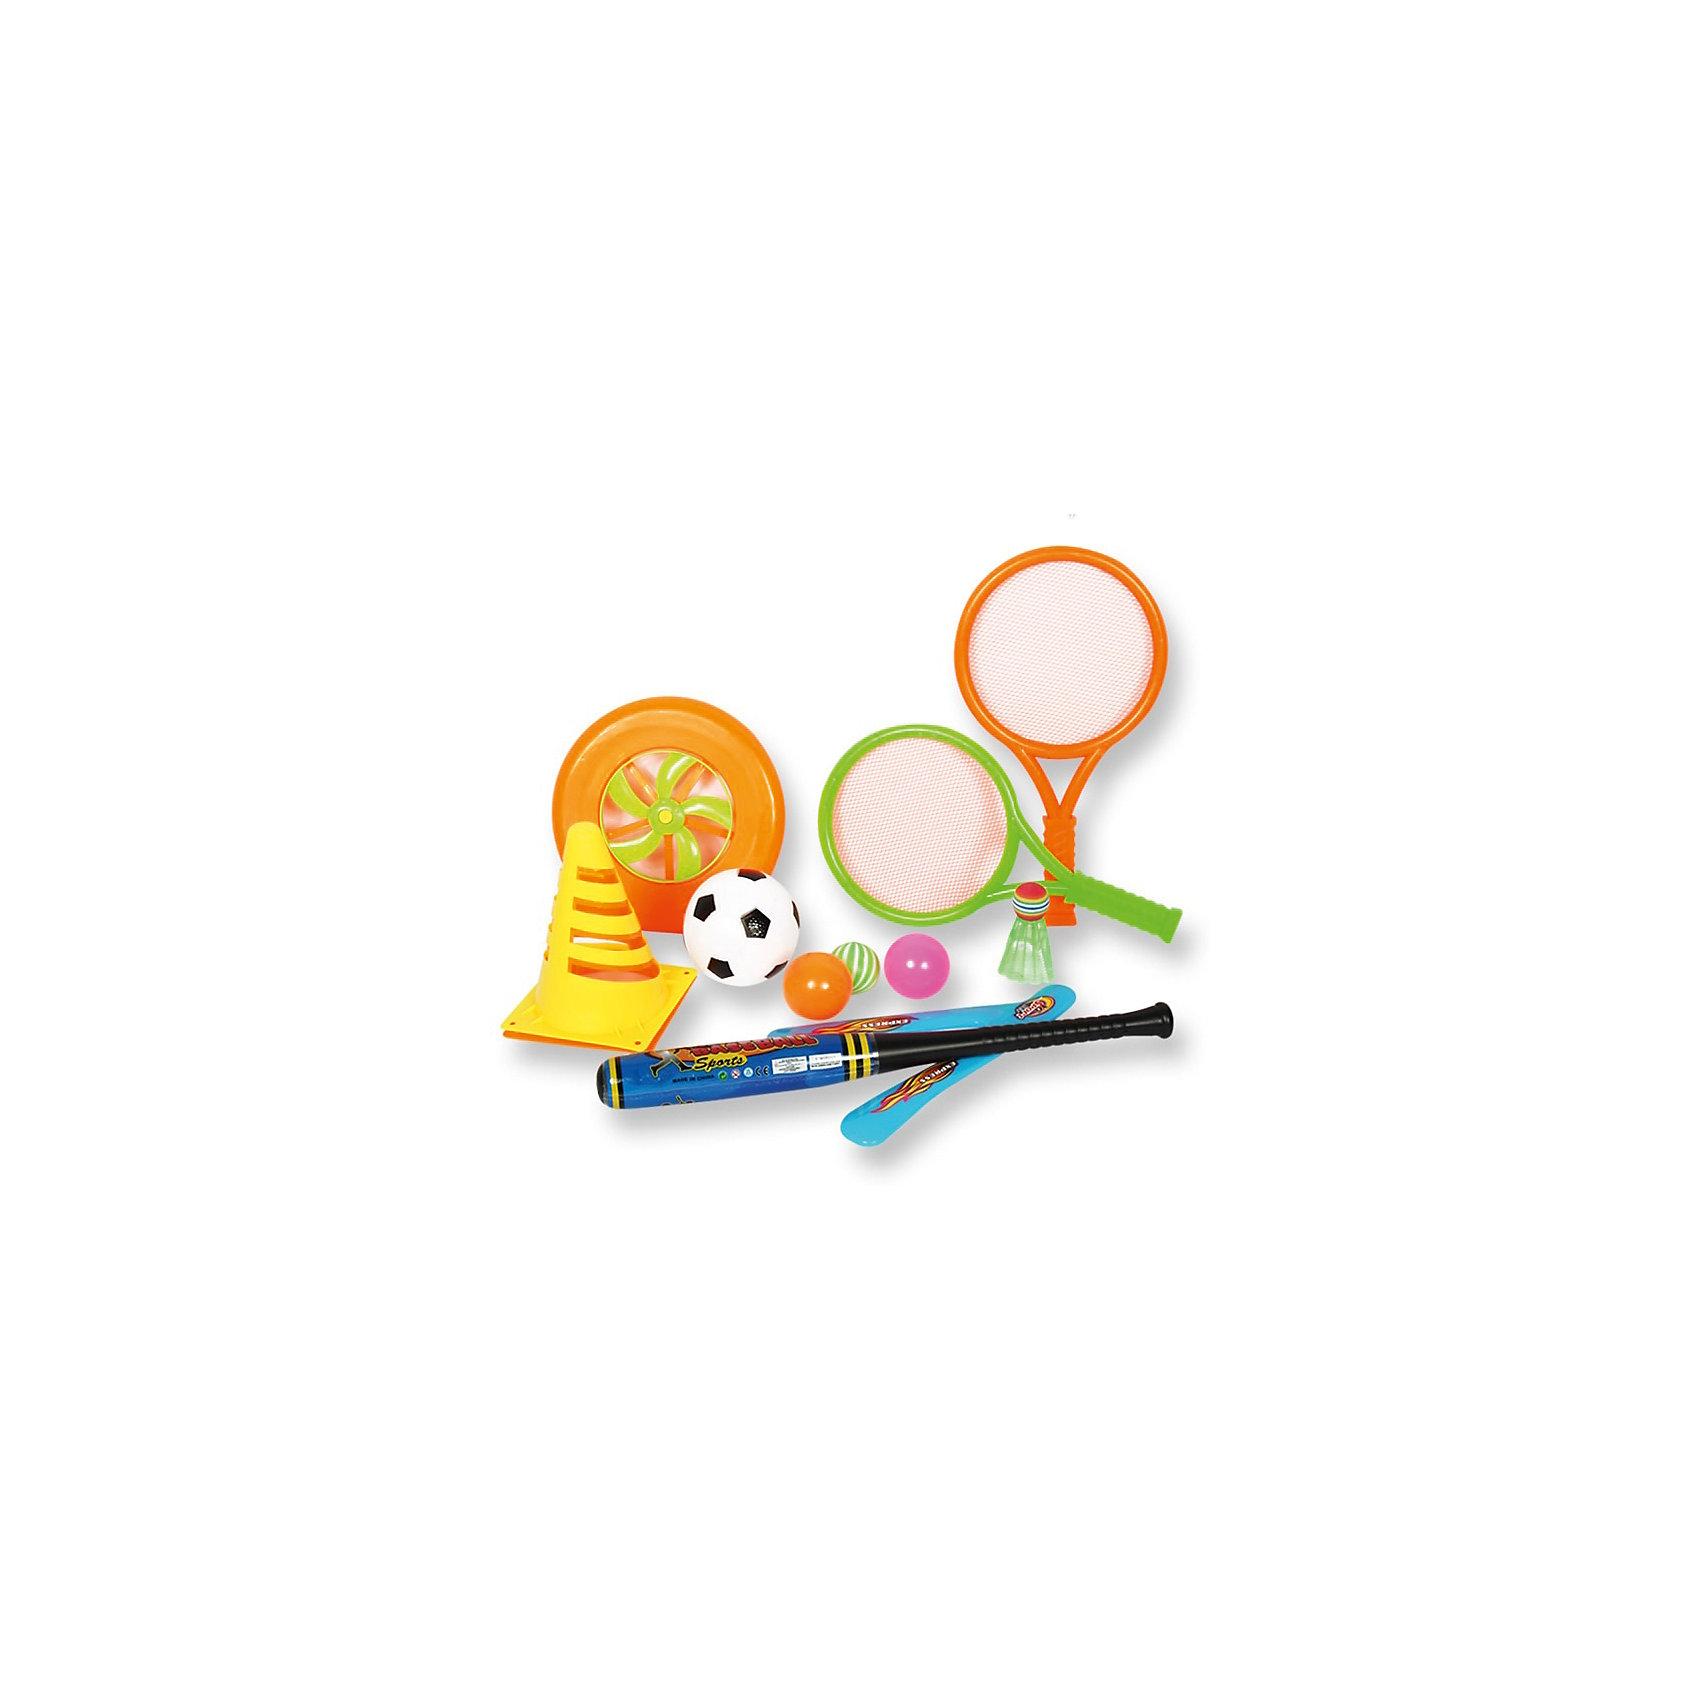 Игровой набор для детей 4 в 1, 11 предметов в сумке,YG SportИгровые наборы<br>Характеристики товара:<br><br>• материал: пластик<br>• возраст ребёнка: от 3 лет<br>• диаметр диска: 20 см<br>• длина биты: 47 см<br>• длина ракетки: 36 см<br>• размеры упаковки: 24х14х45 см<br><br>Игровой набор для активный игр 4 в 1 можно взять с собой на отдых, играть в парке или в скверах, на пляжной зоне, во дворе на игровой площадке.<br><br>Игры рассчитаны на развитие ловкости, скорости и координации движений, а также помогает в укреплении общефизического состояния детей. Все составляющие выполнены из высококачественного и прочного материала, не содержащего в составе токсичных красителей.<br><br>В комплекте: <br>• футбольный мяч, <br>• волан, <br>• бейсбольную бита, <br>• 2 ракетки, <br>• 2 мяча, <br>• 2 диска, <br>• 2 конуса.<br><br>Ширина мм: 240<br>Глубина мм: 140<br>Высота мм: 450<br>Вес г: 346<br>Возраст от месяцев: 36<br>Возраст до месяцев: 72<br>Пол: Унисекс<br>Возраст: Детский<br>SKU: 6674852